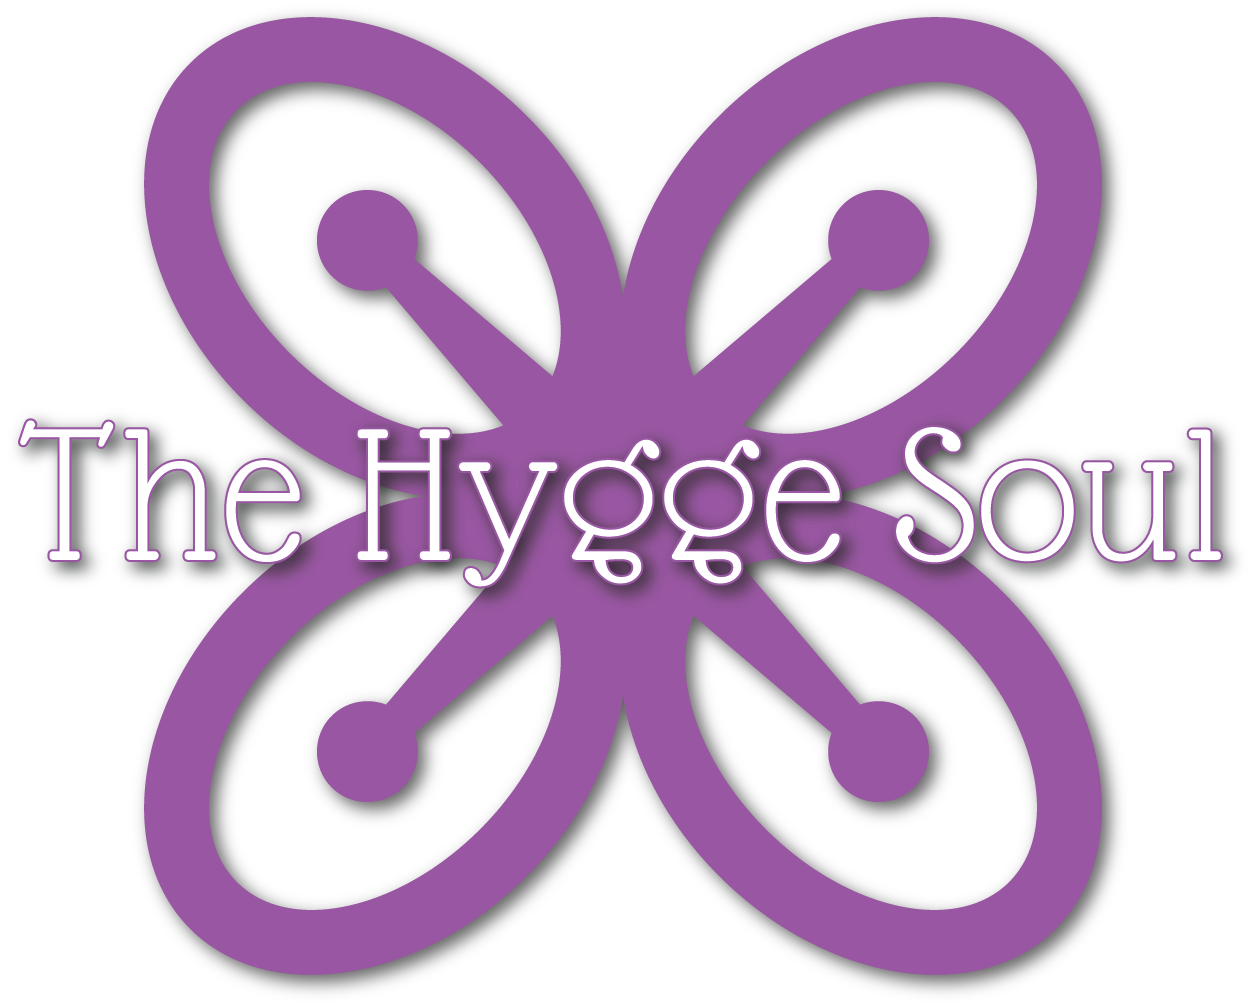 The Hygge Soul